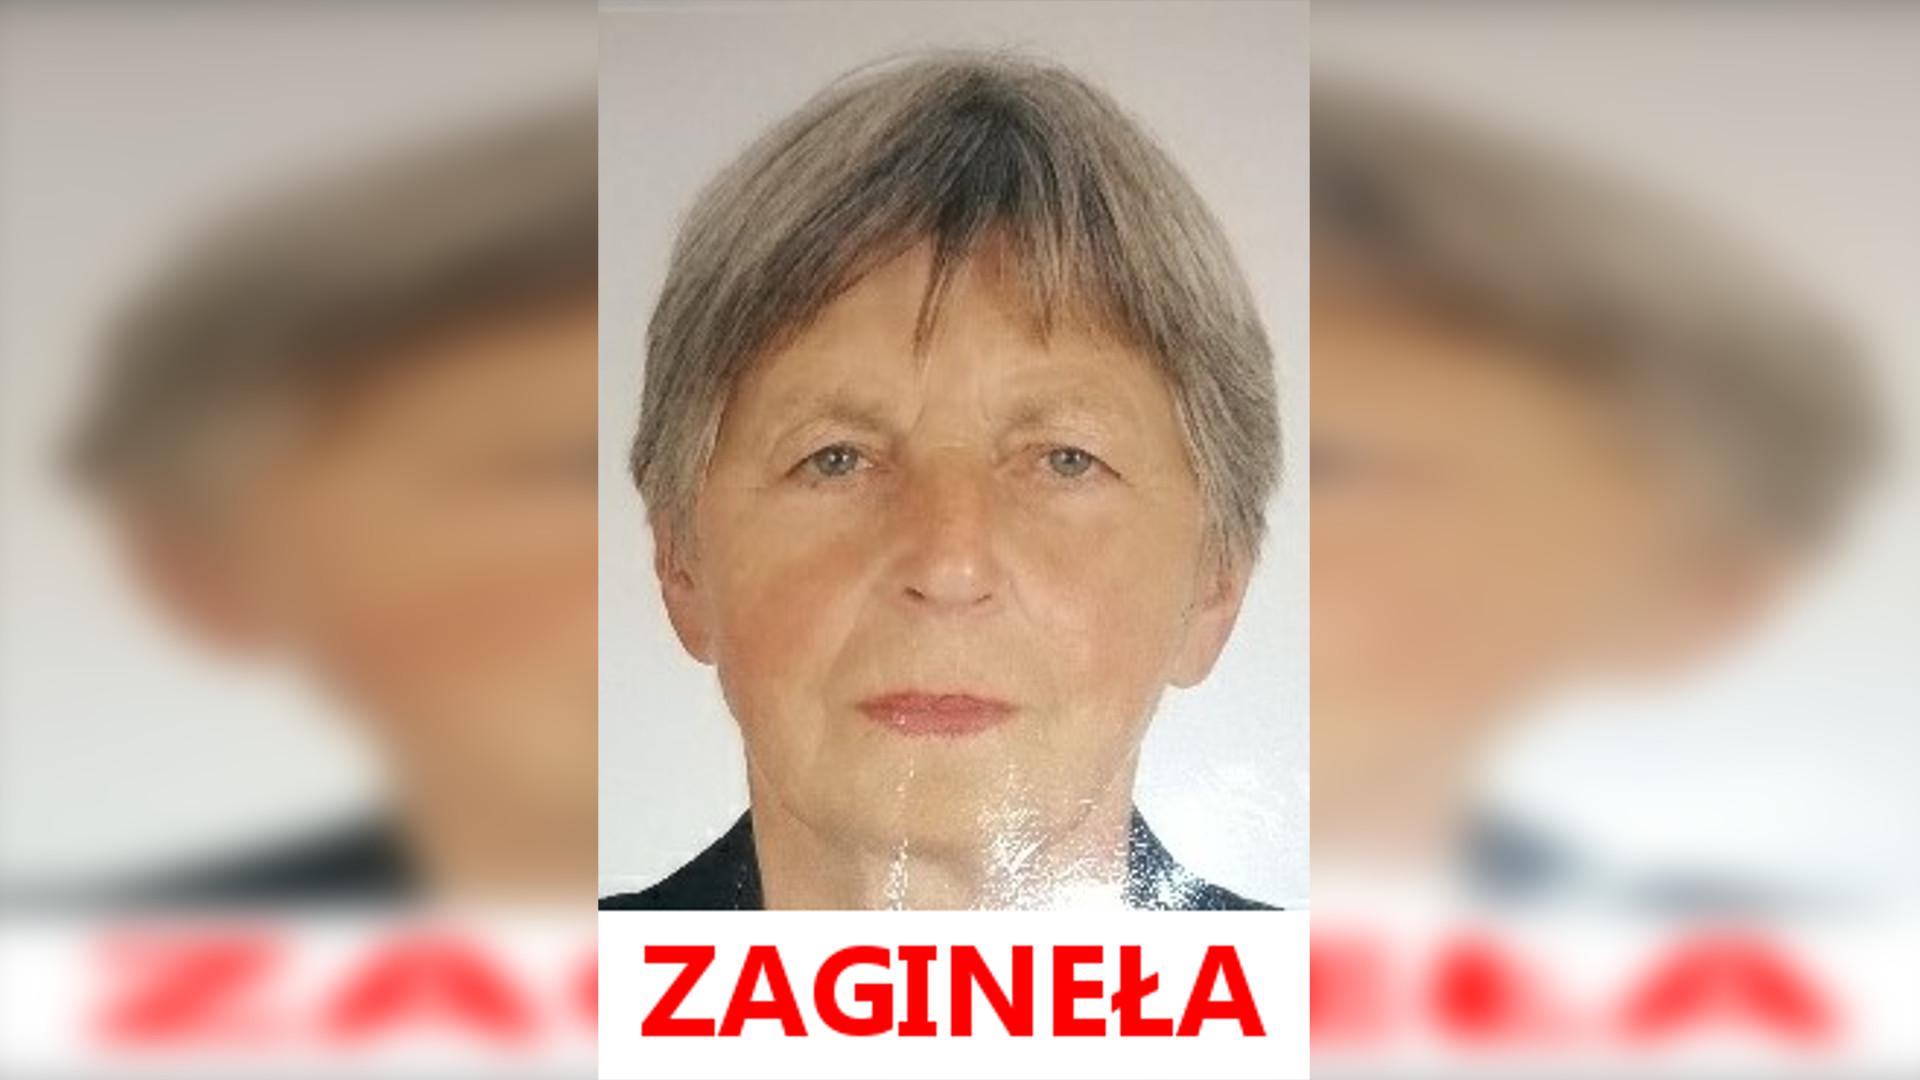 Zaginęła Danuta Kazimierczak